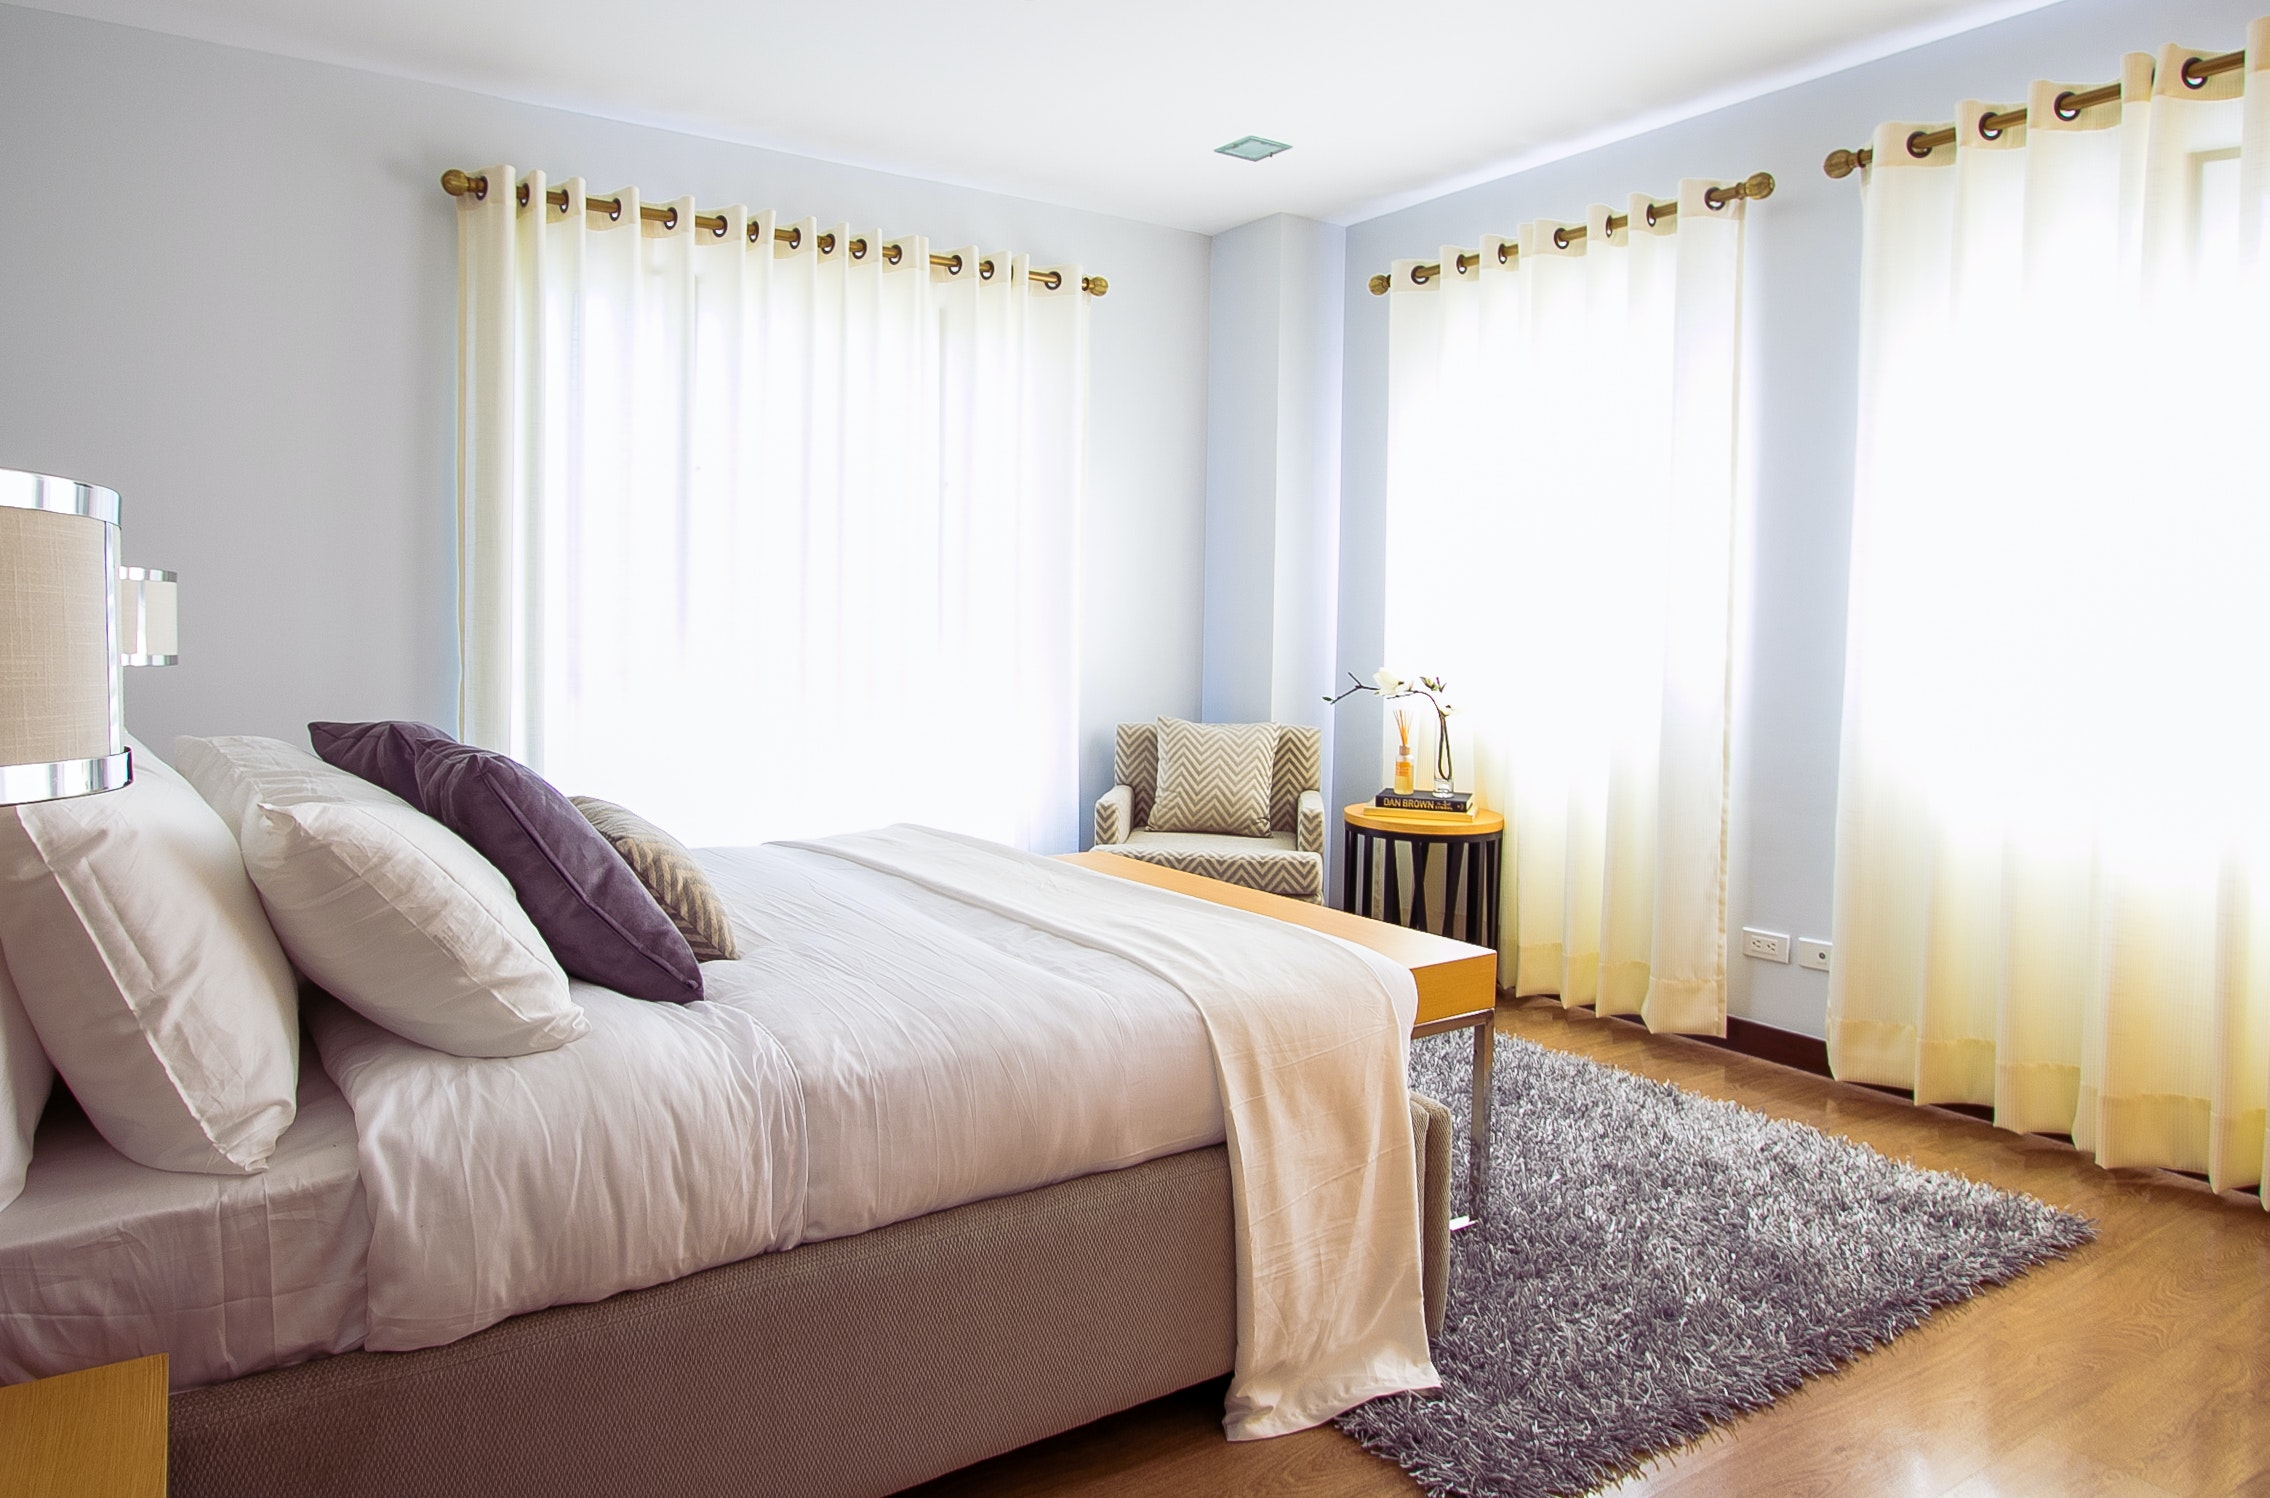 Slaapkamer inrichten 6 tips voor de ideale slaapkamer